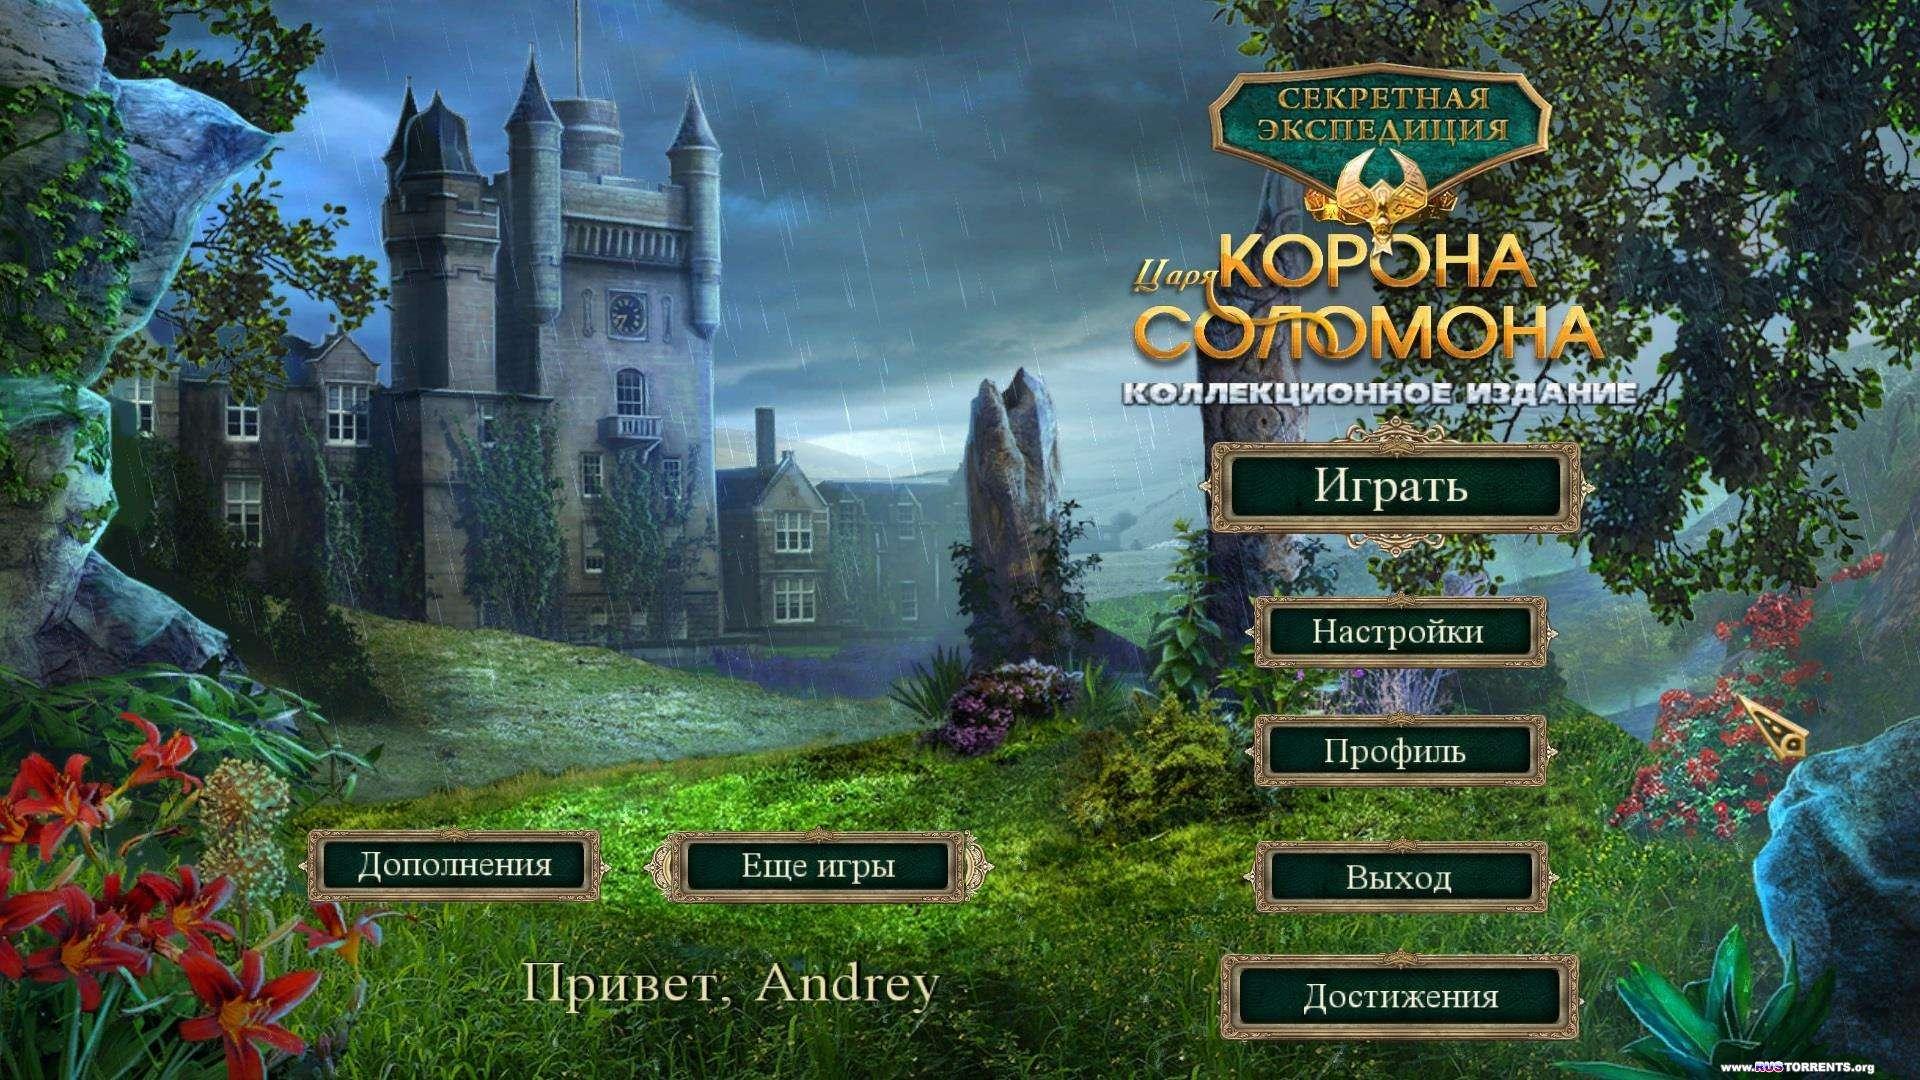 Секретная экспедиция 7: Корона Царя Соломона | РС